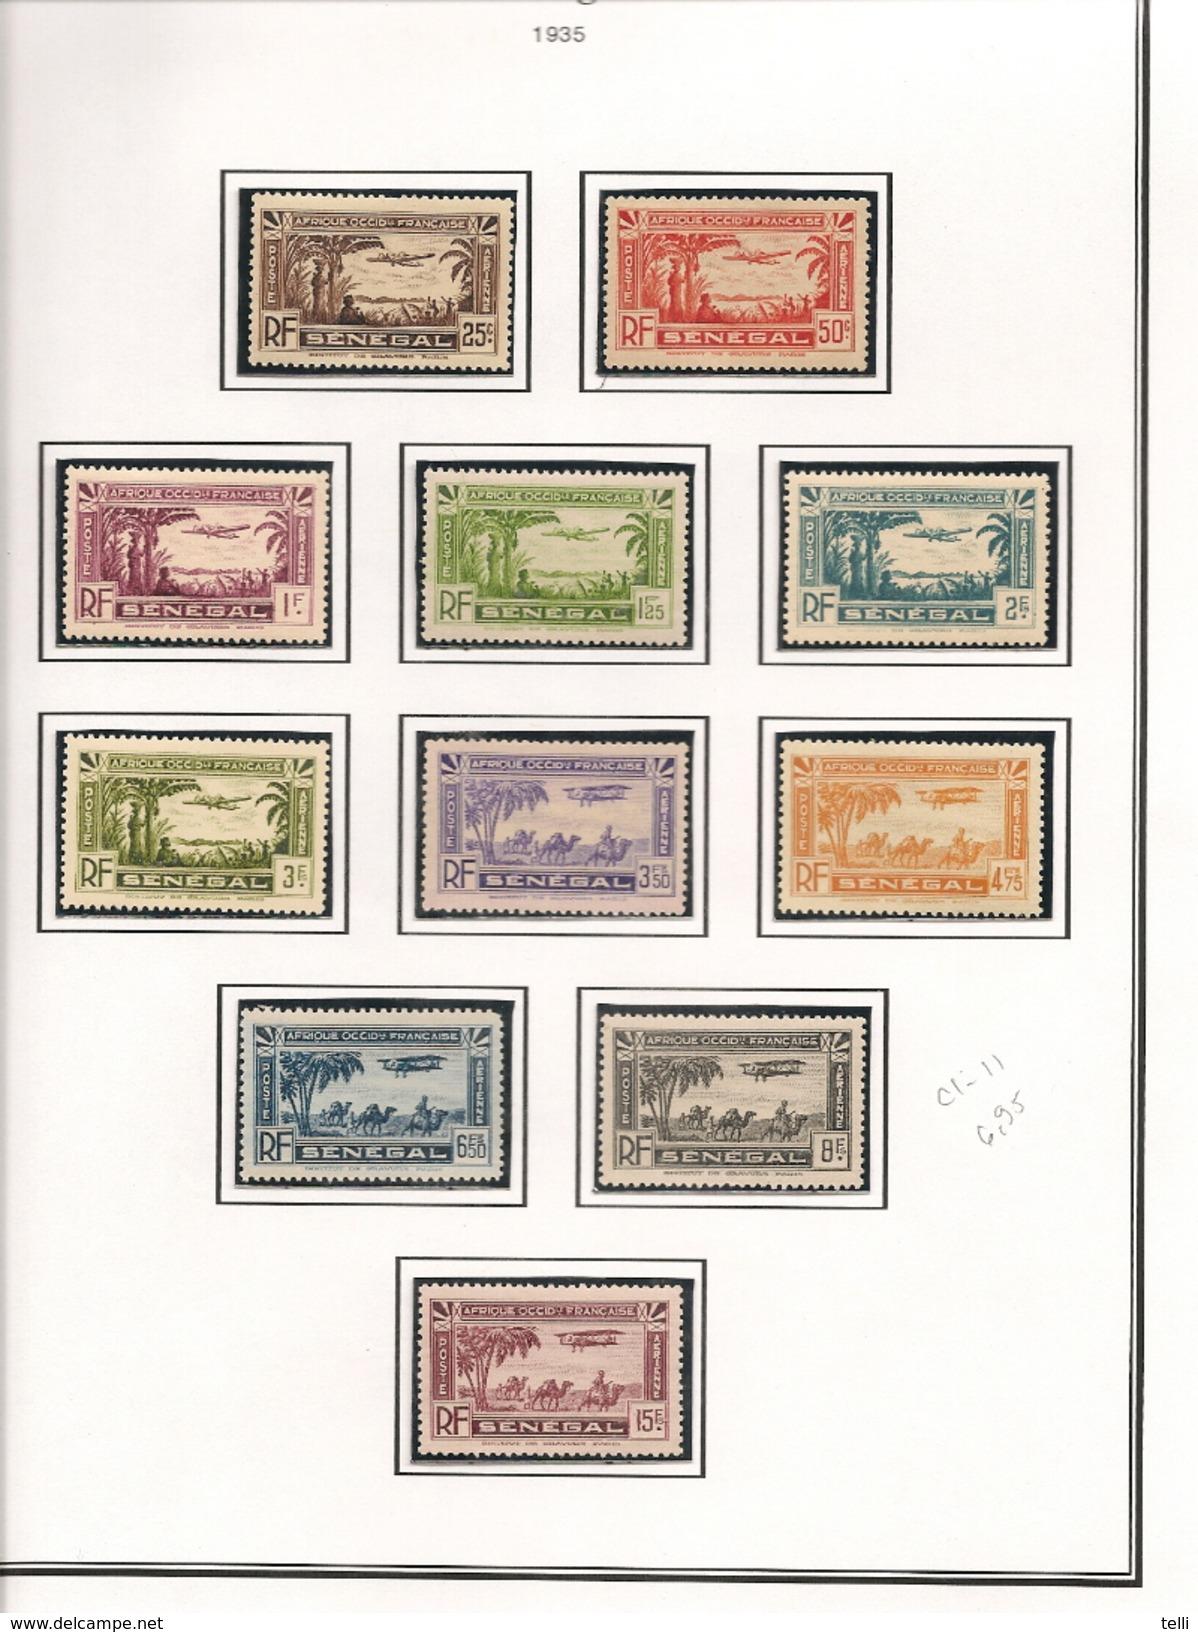 SÉNÉGAL Scott C1-C11 Yvert PA1-PA11 (11) * Cote 7 $ - Poste Aérienne